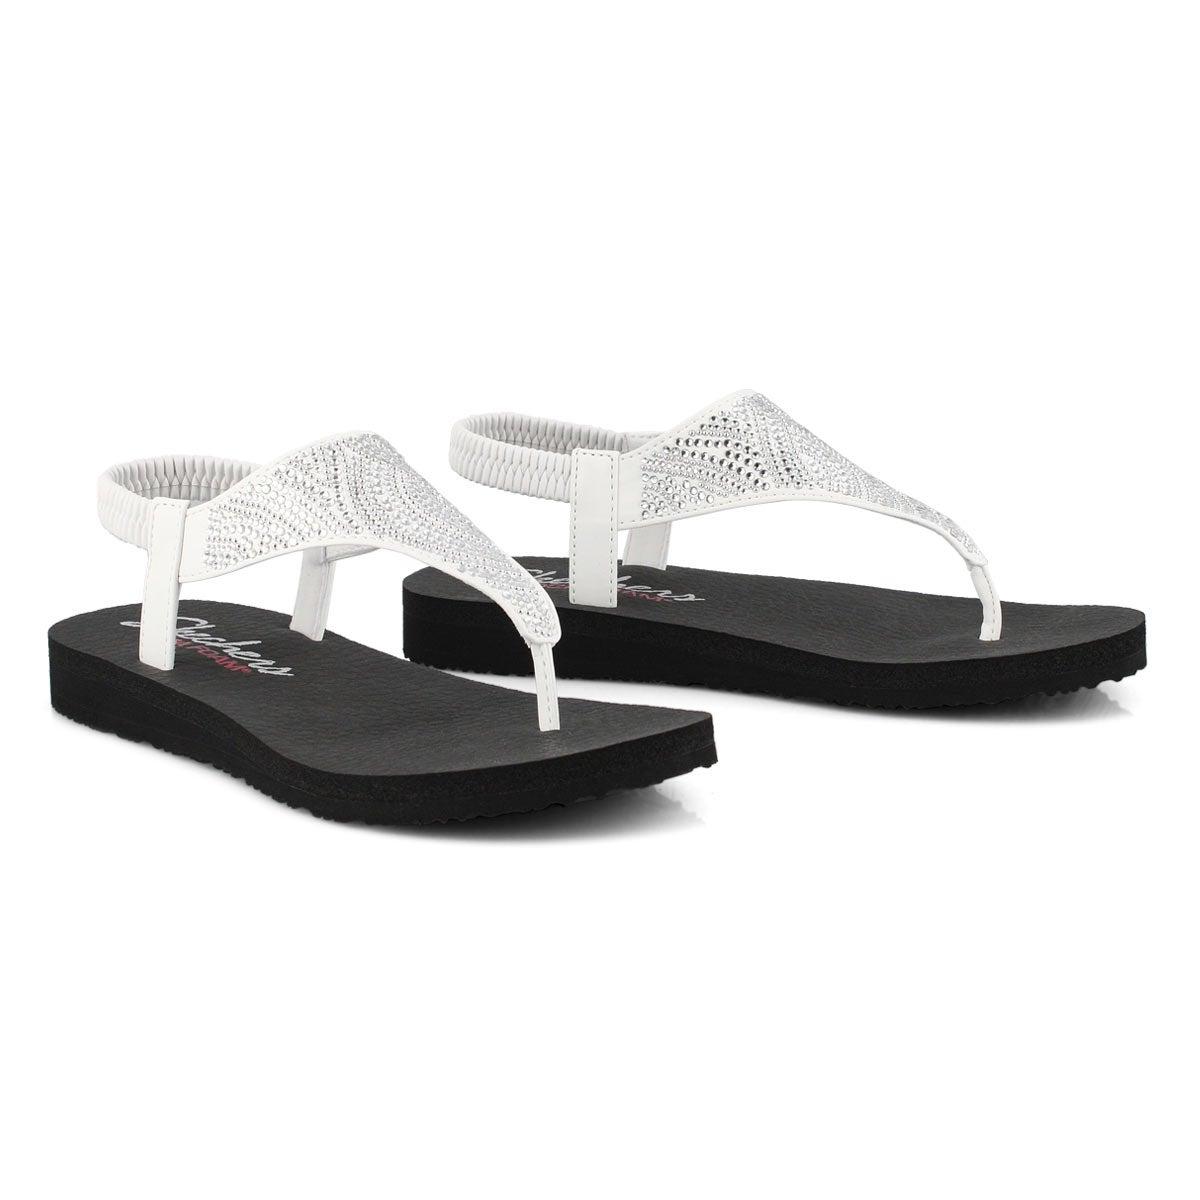 Lds Meditation white thong sandal